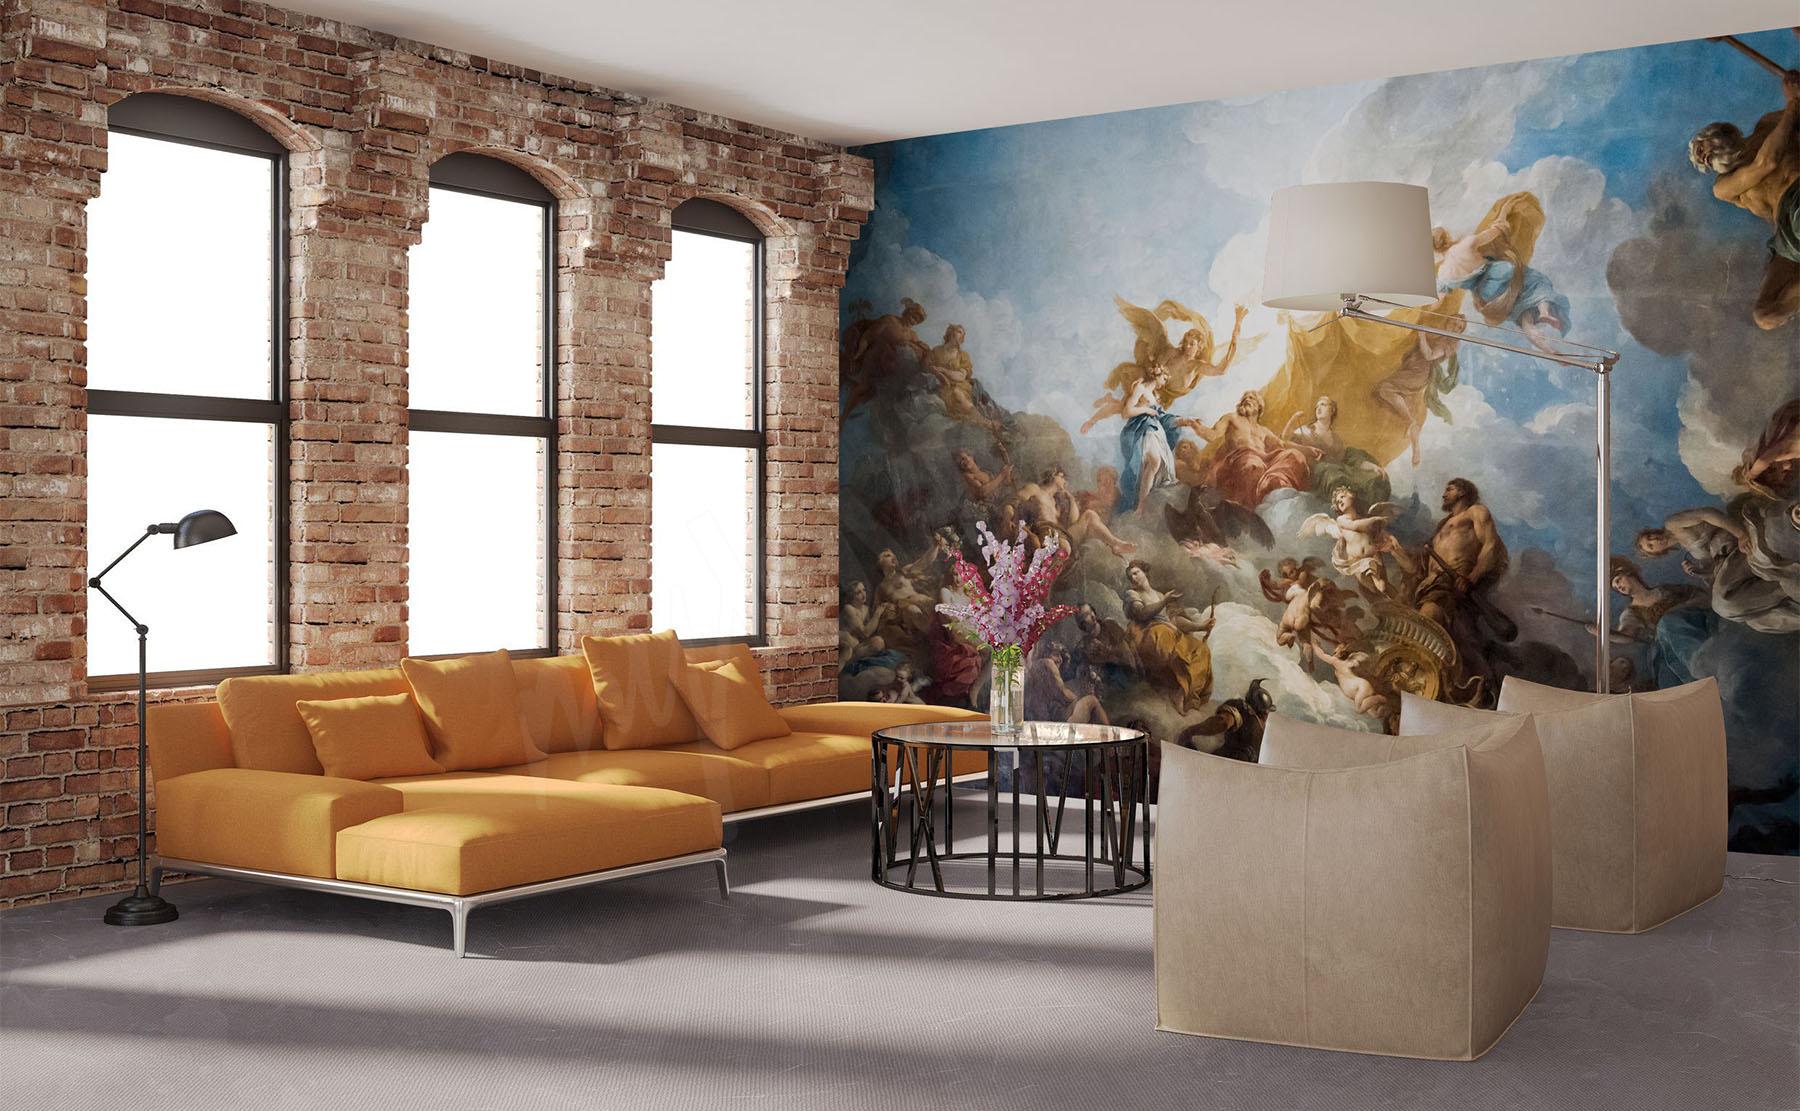 papiers peints paris mur aux dimensions. Black Bedroom Furniture Sets. Home Design Ideas